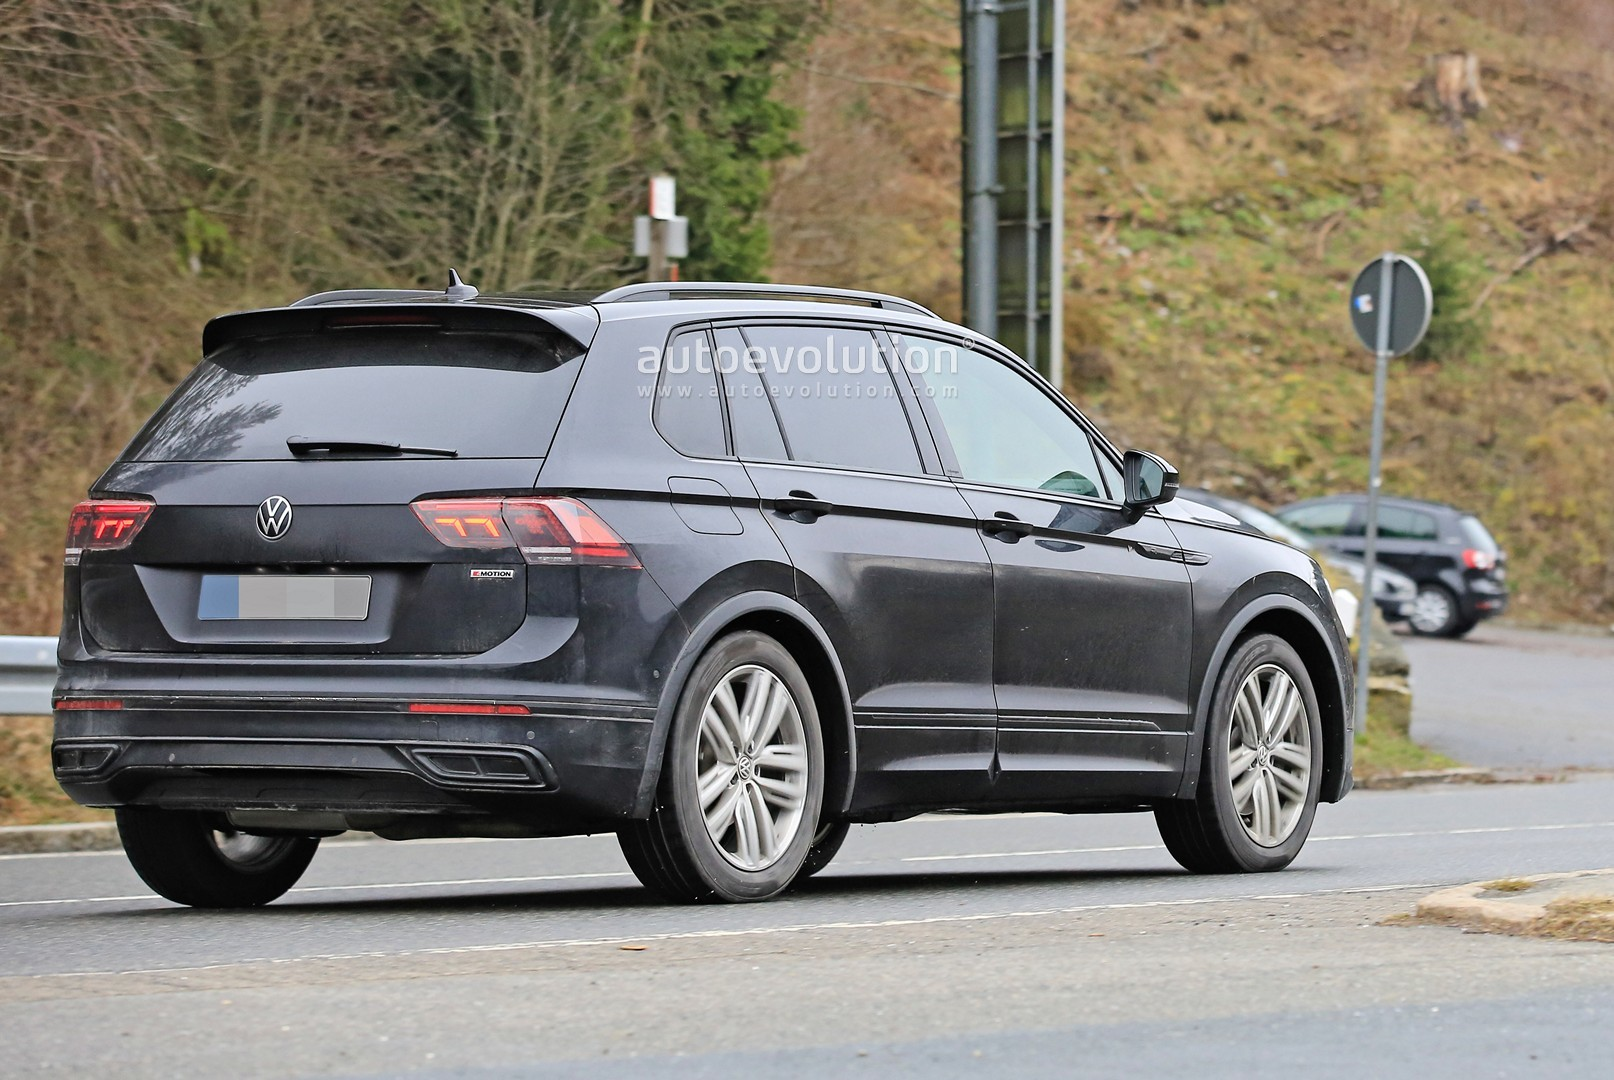 2021 Volkswagen Tiguan Front End Scooped, Debut Is ...